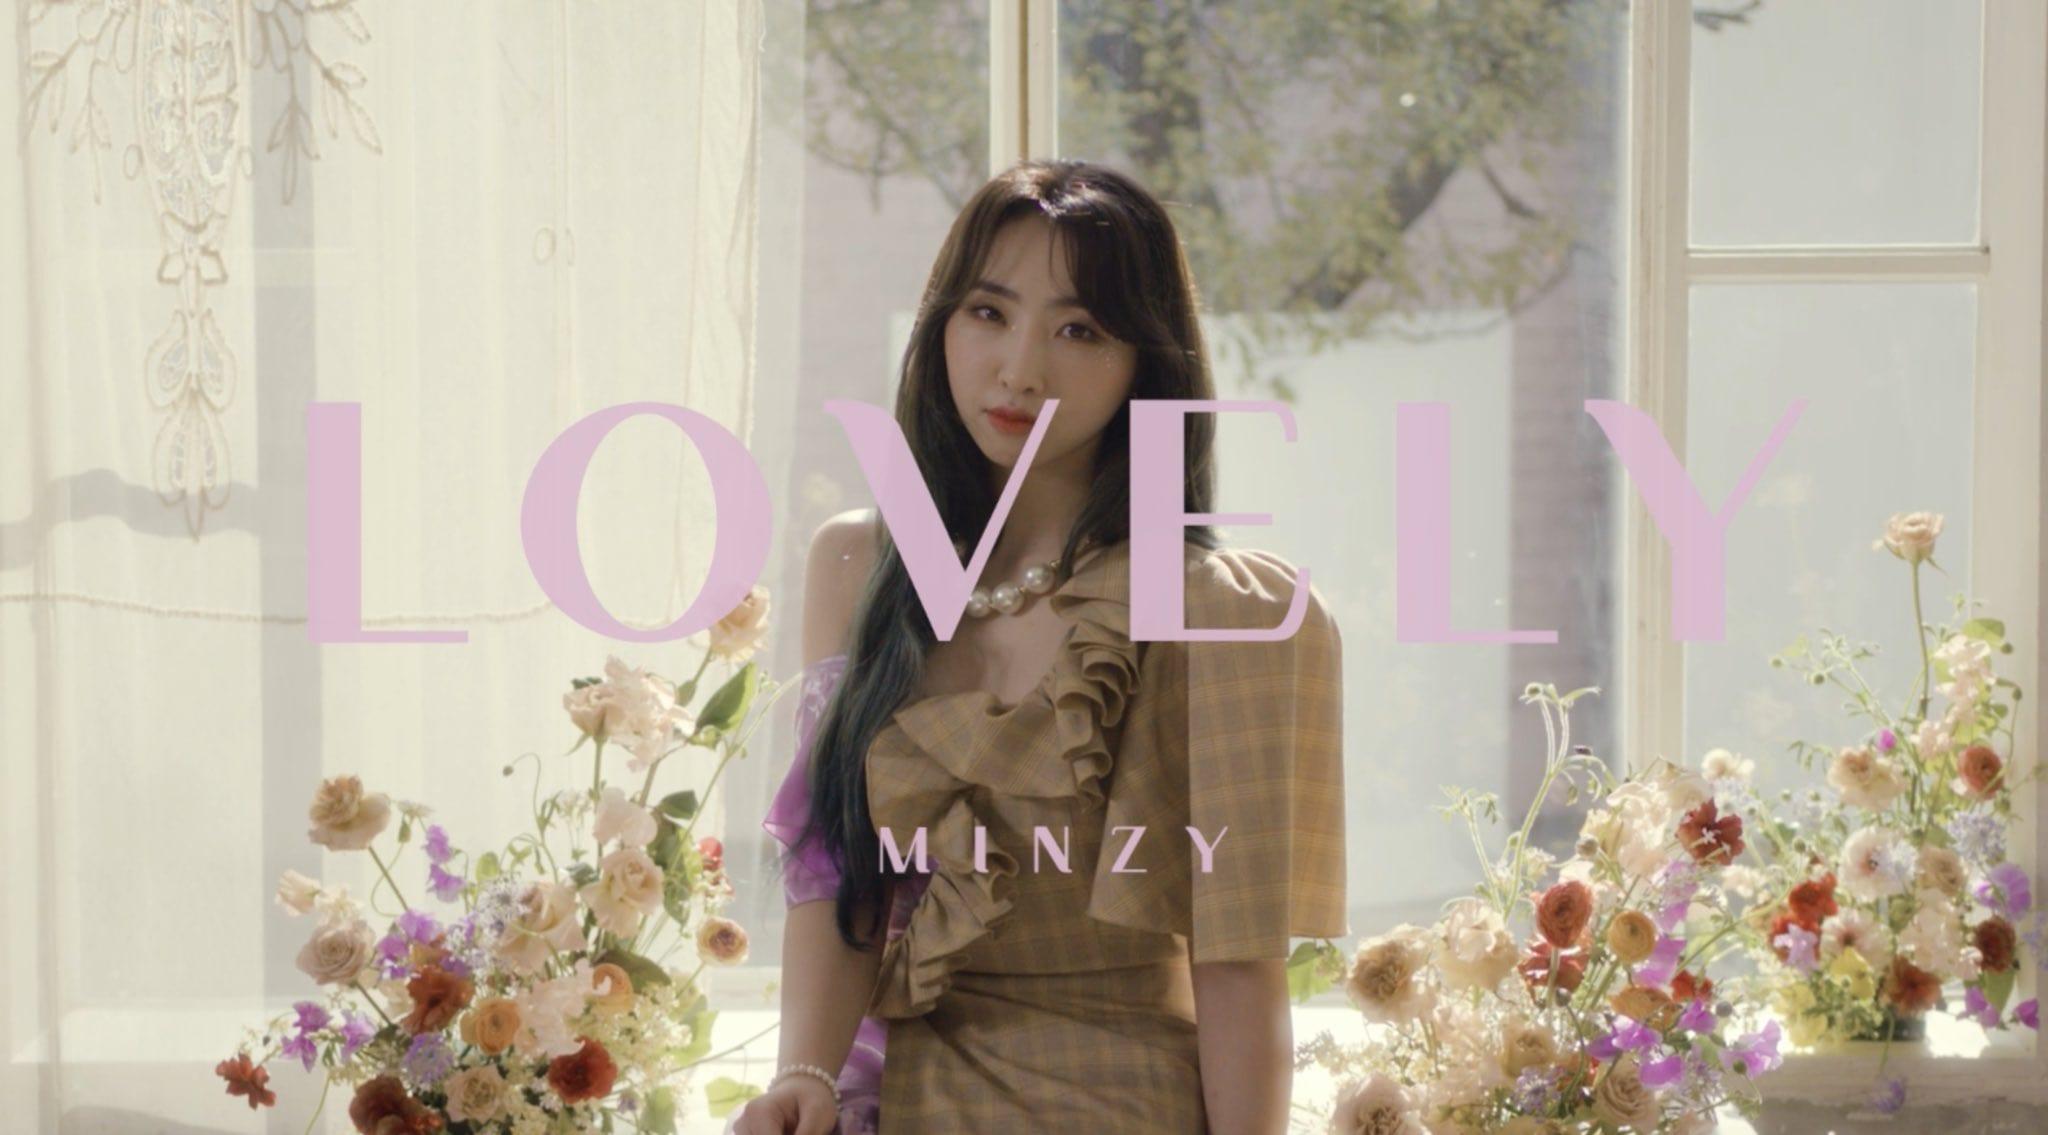 Minzy Returns